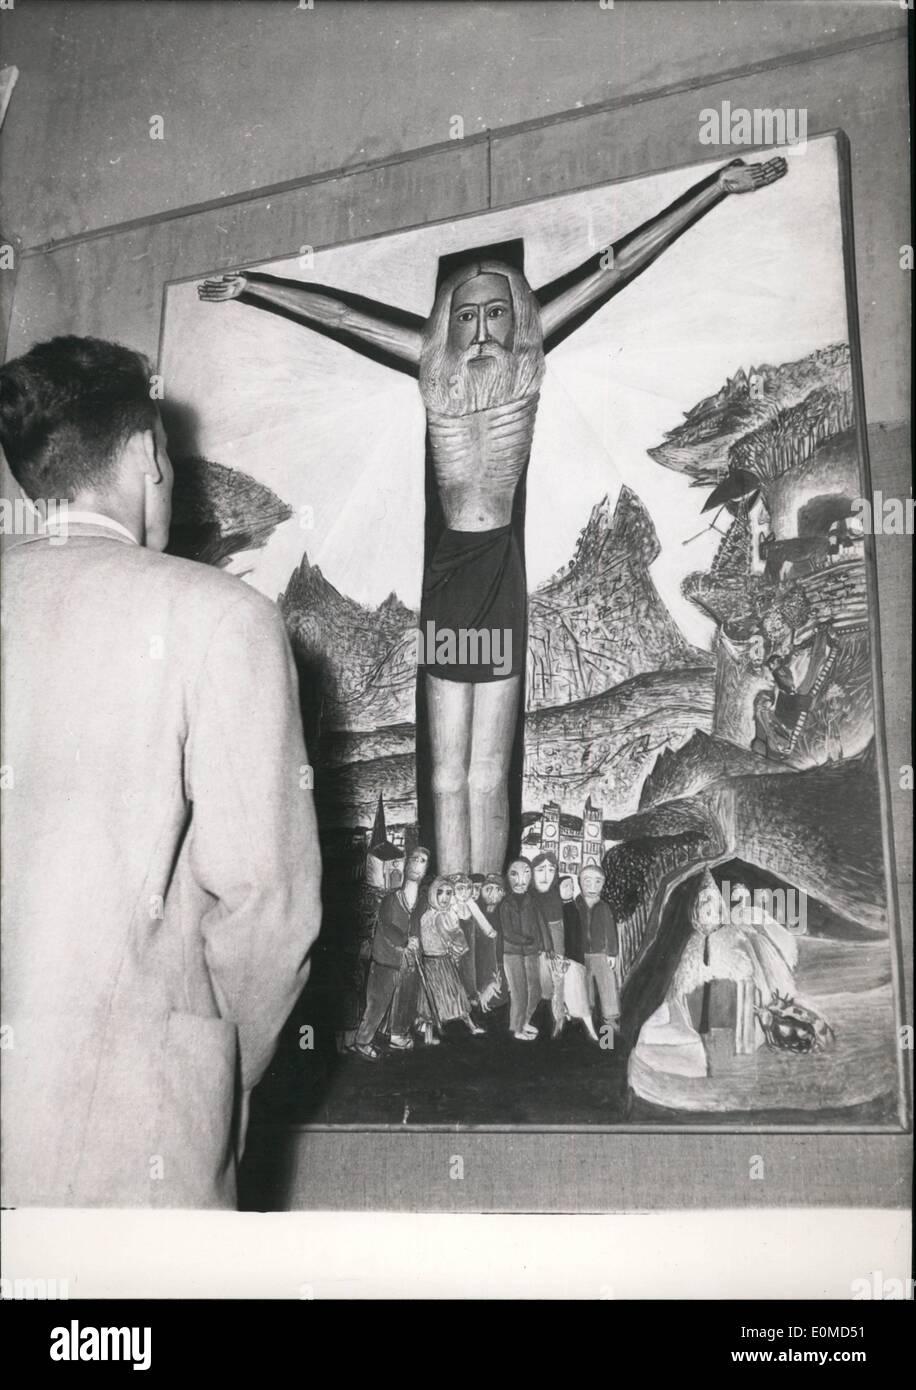 """Sett. 09, 1954 - Arte Religiosa mostra apre a Parigi: ''crocifissione """" da Aristide Caillaud, uno dei dipinti visto all'arte religiosa ora mostra che si terrà presso il museo di arte moderna? Parigi. Immagini Stock"""